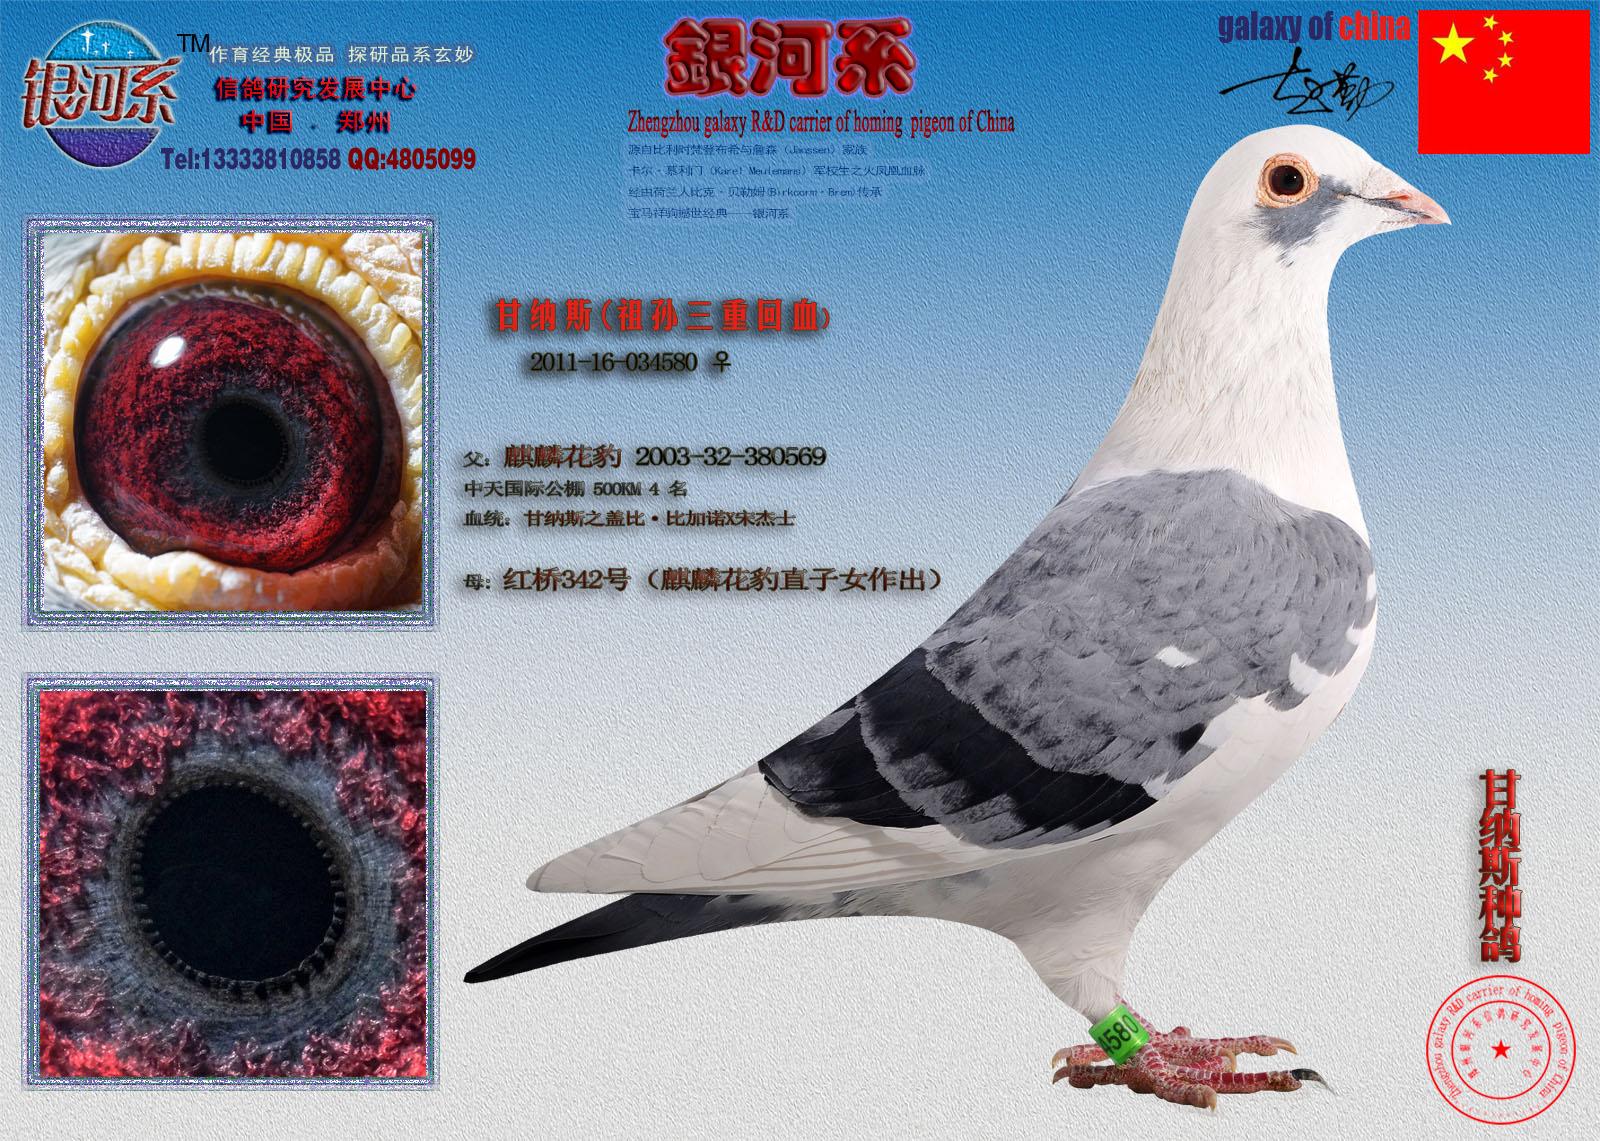 相关图片 眼睛大图 眼志与内线口大图 信鸽特征 &nbsp